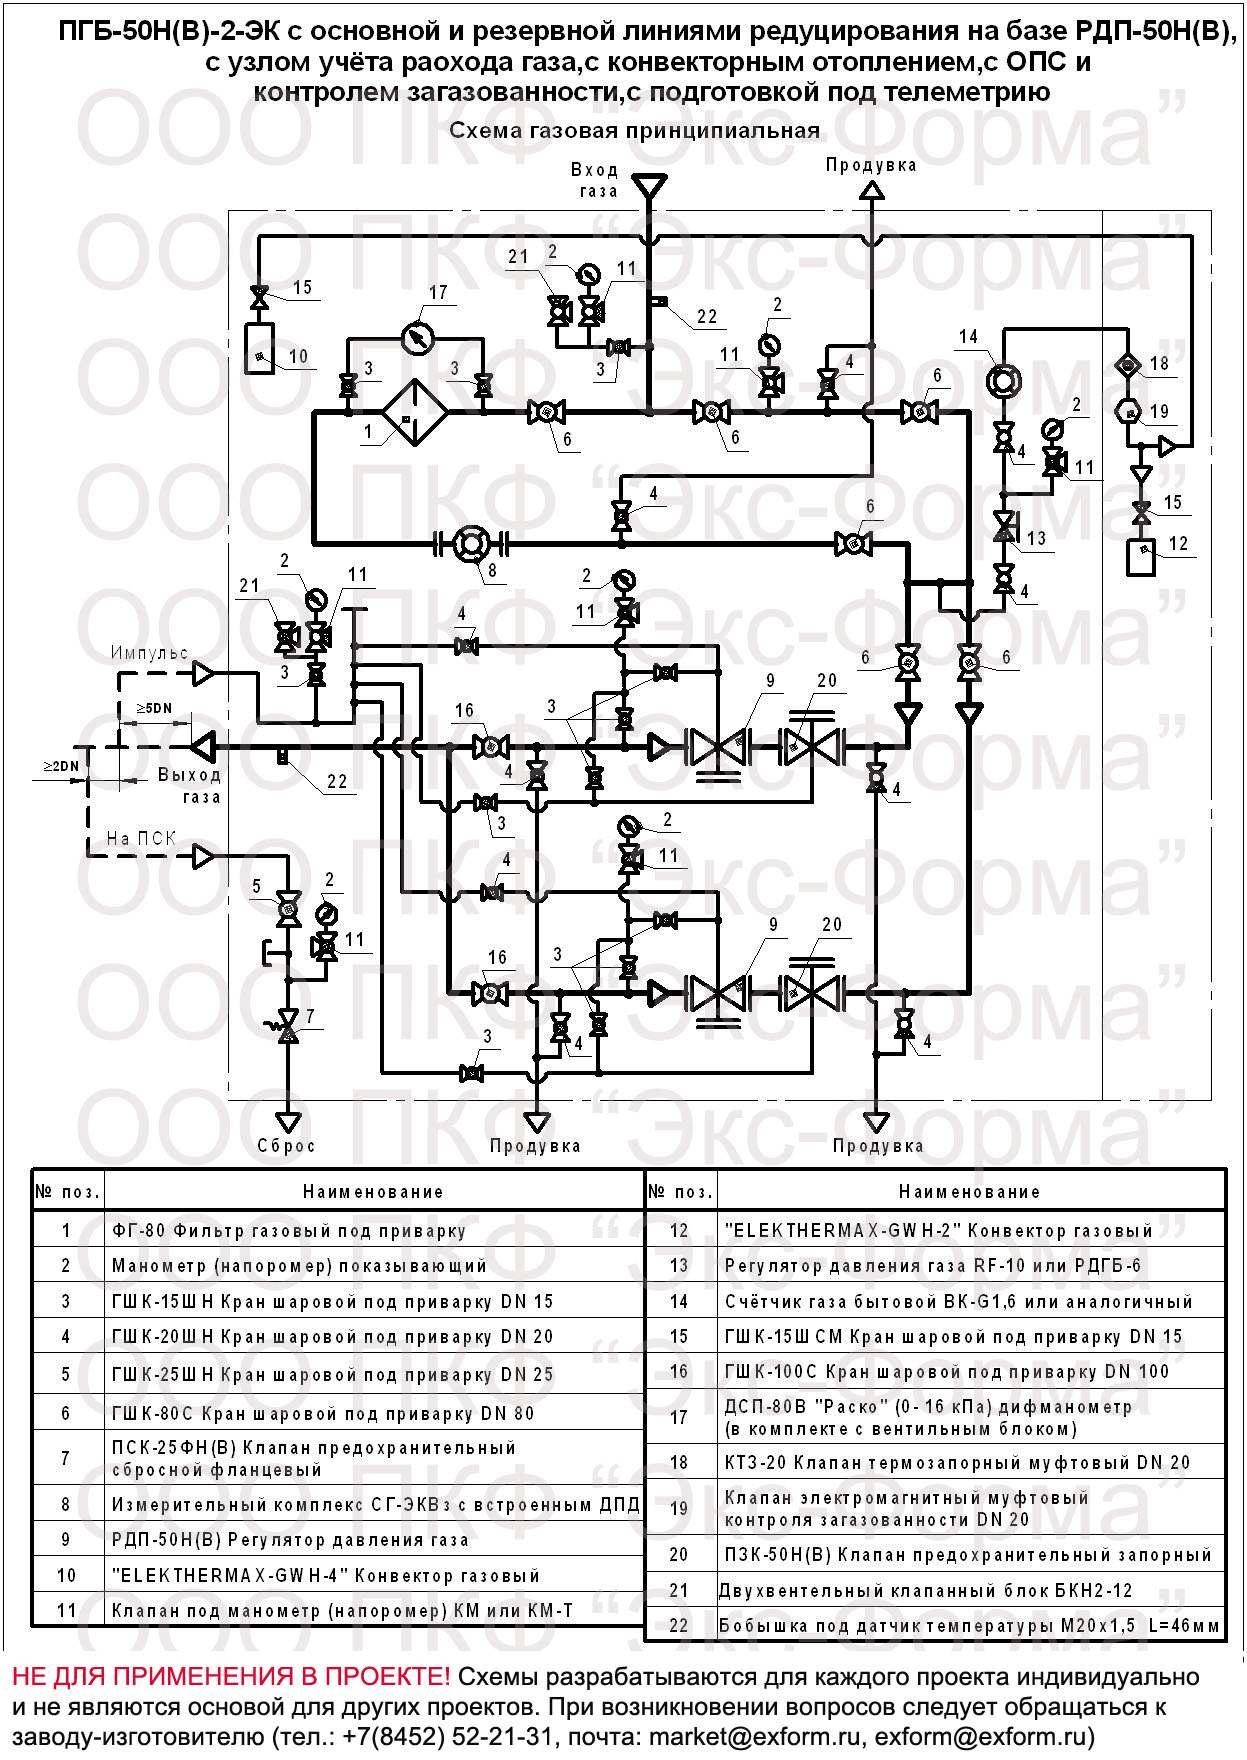 схема газовая ПГБ-50Н-2-ЭК, ПГБ-50В-2-ЭК